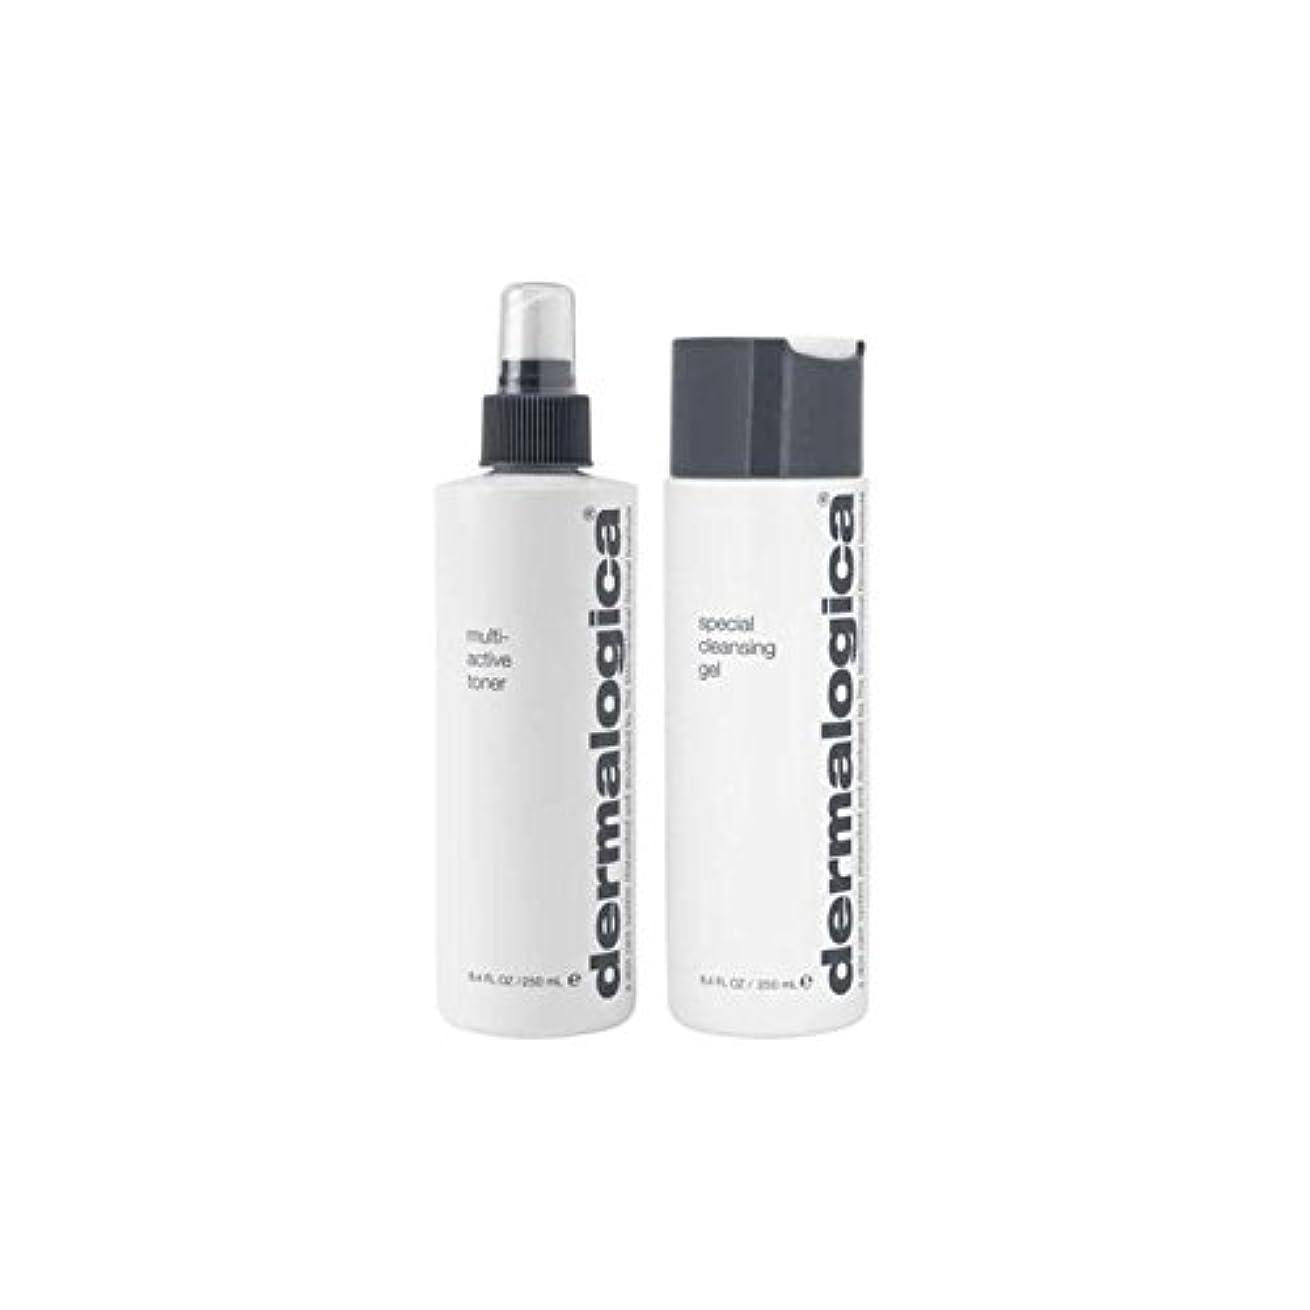 パラメータに同意するまぶしさダーマロジカクレンジング&トーンデュオ - ノーマル/ドライスキン(2製品) x4 - Dermalogica Cleanse & Tone Duo - Normal/Dry Skin (2 Products) (Pack...